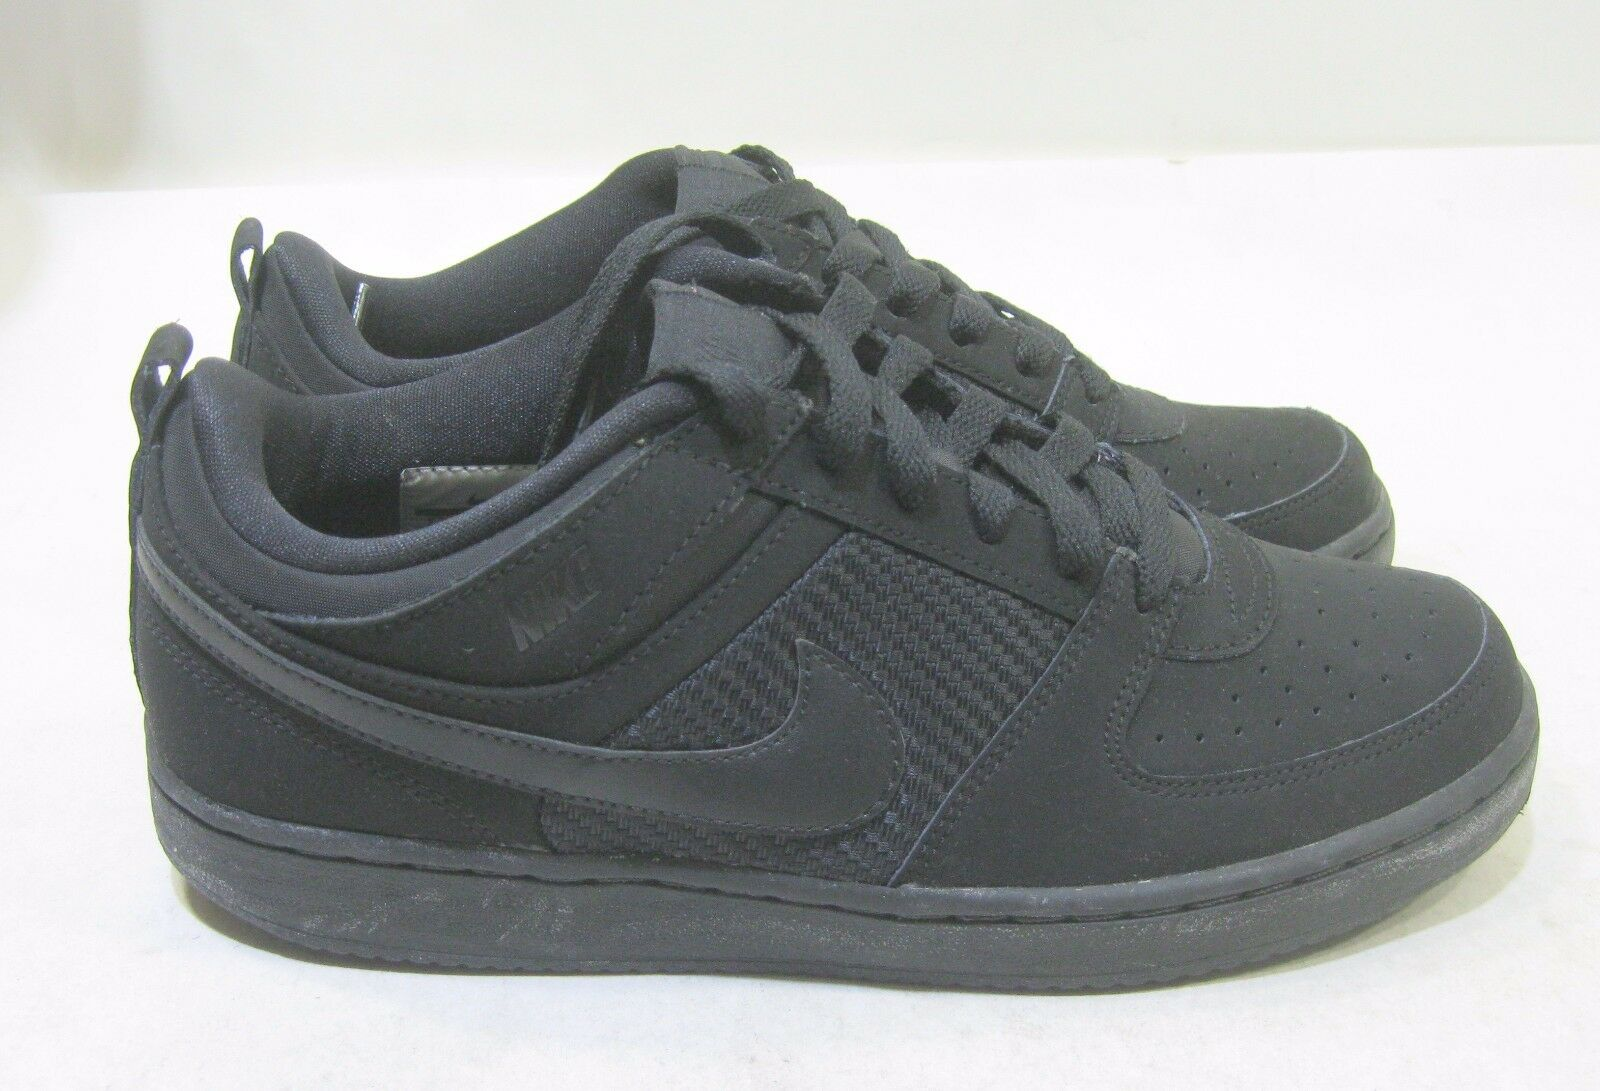 Nike taglia convenzione basso 417417-002 nero taglia Nike 7,5 6c232a